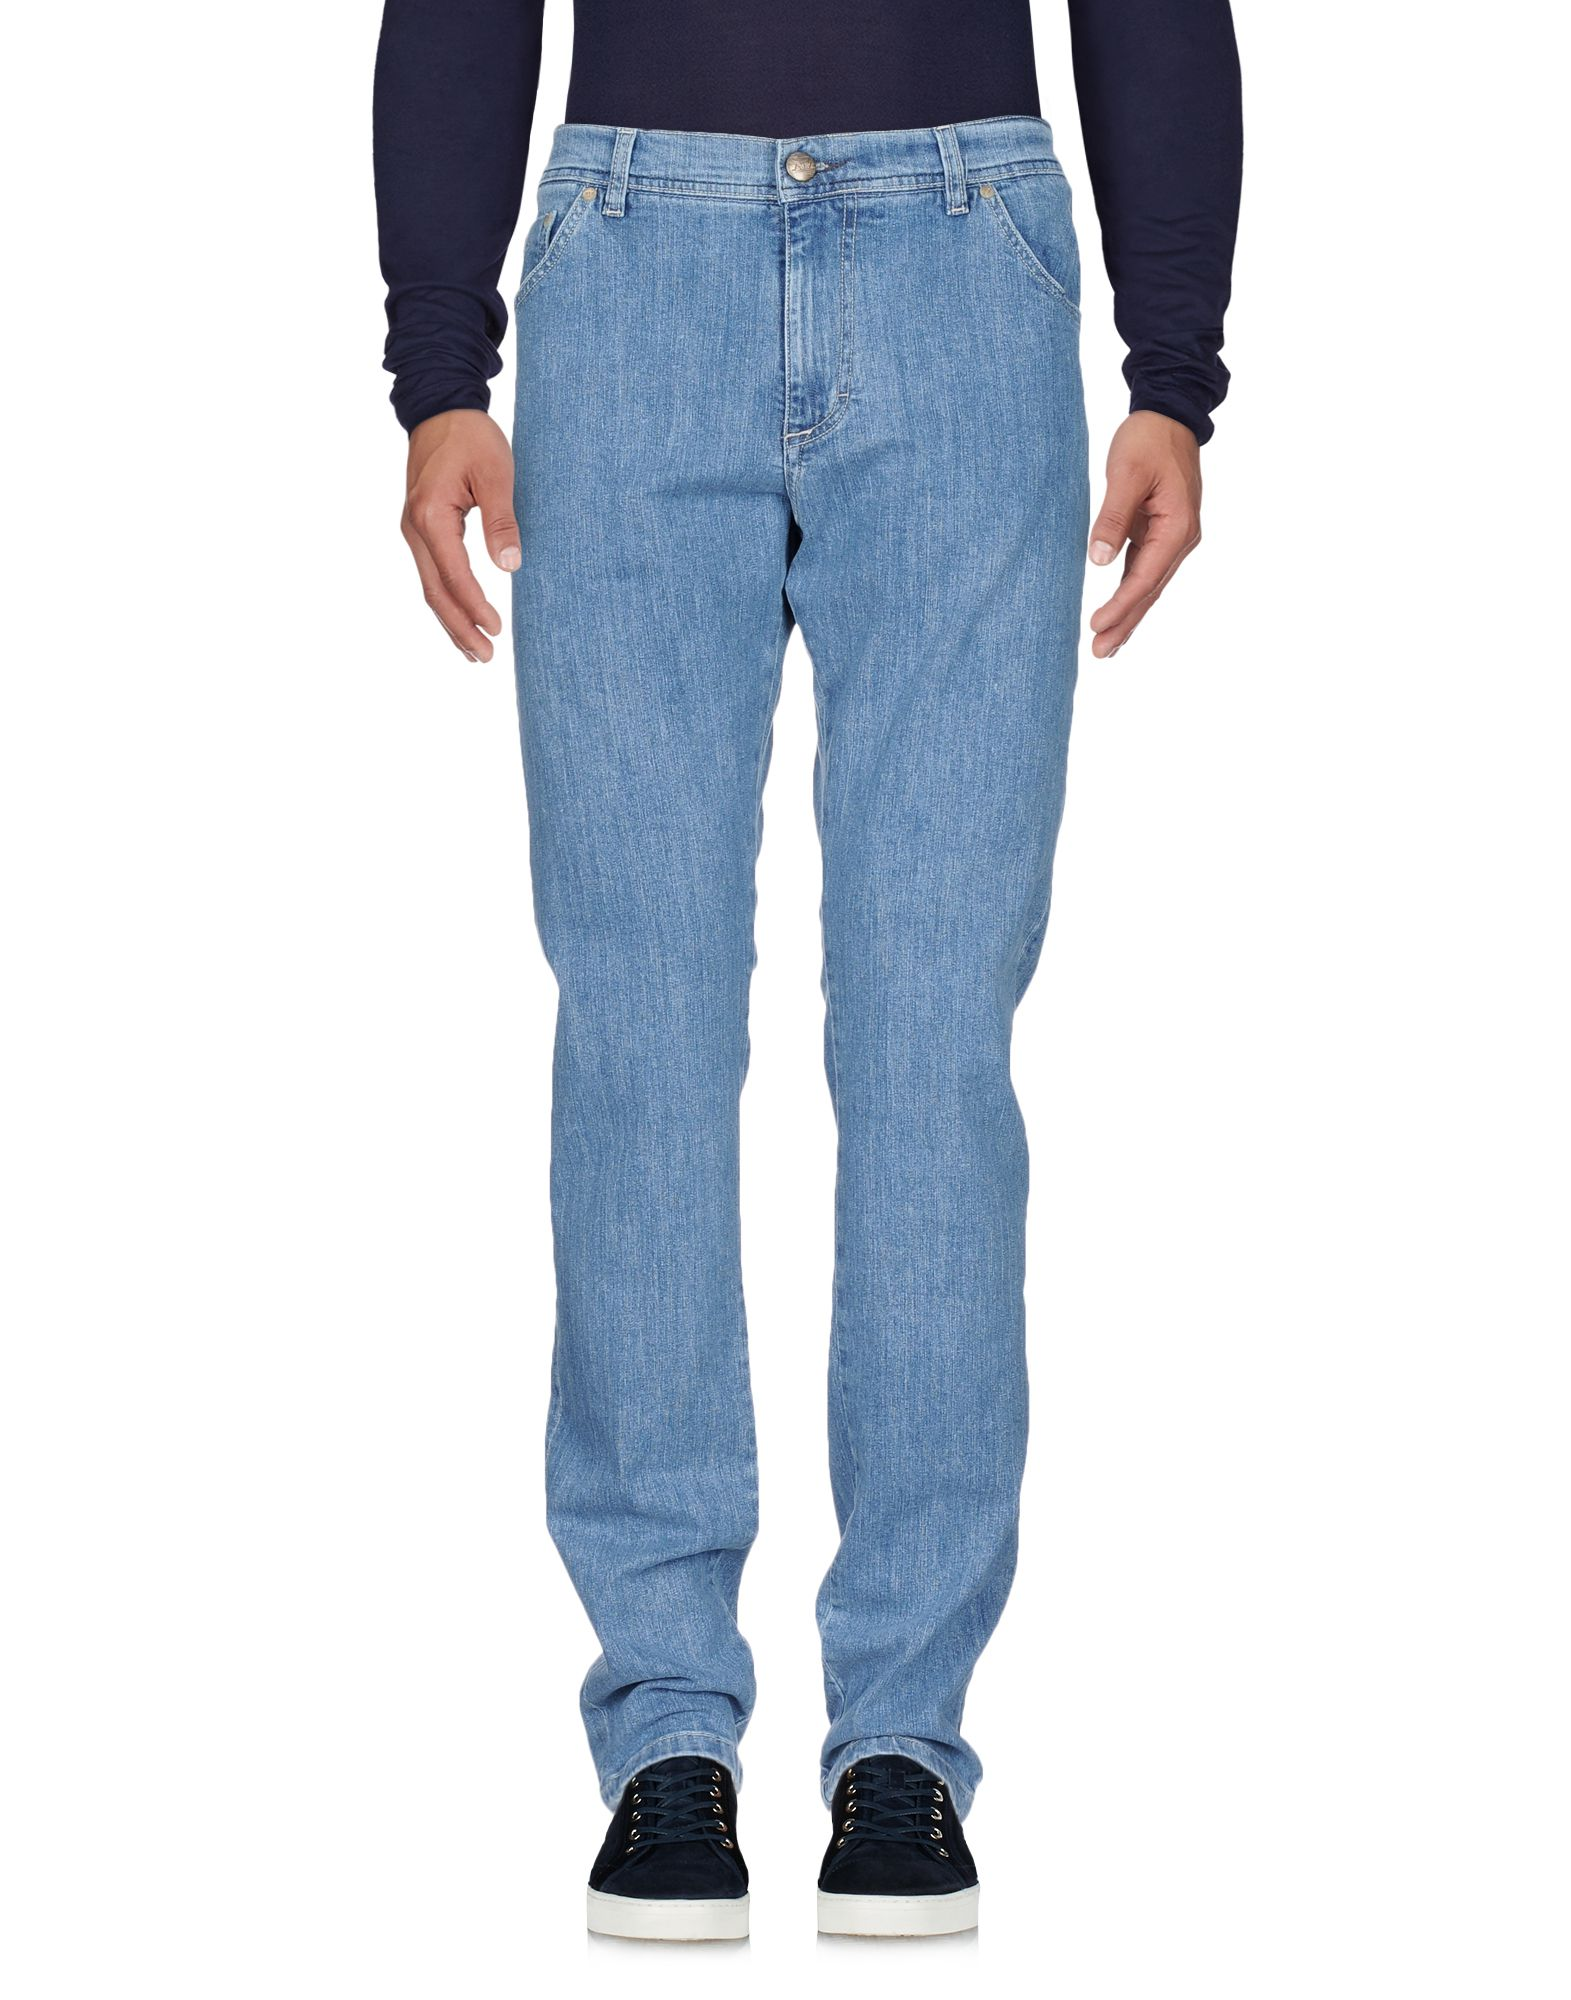 《期間限定セール中》ALV ANDARE LONTANO VIAGGIANDO メンズ ジーンズ ブルー 54 コットン 98% / ポリウレタン 2%